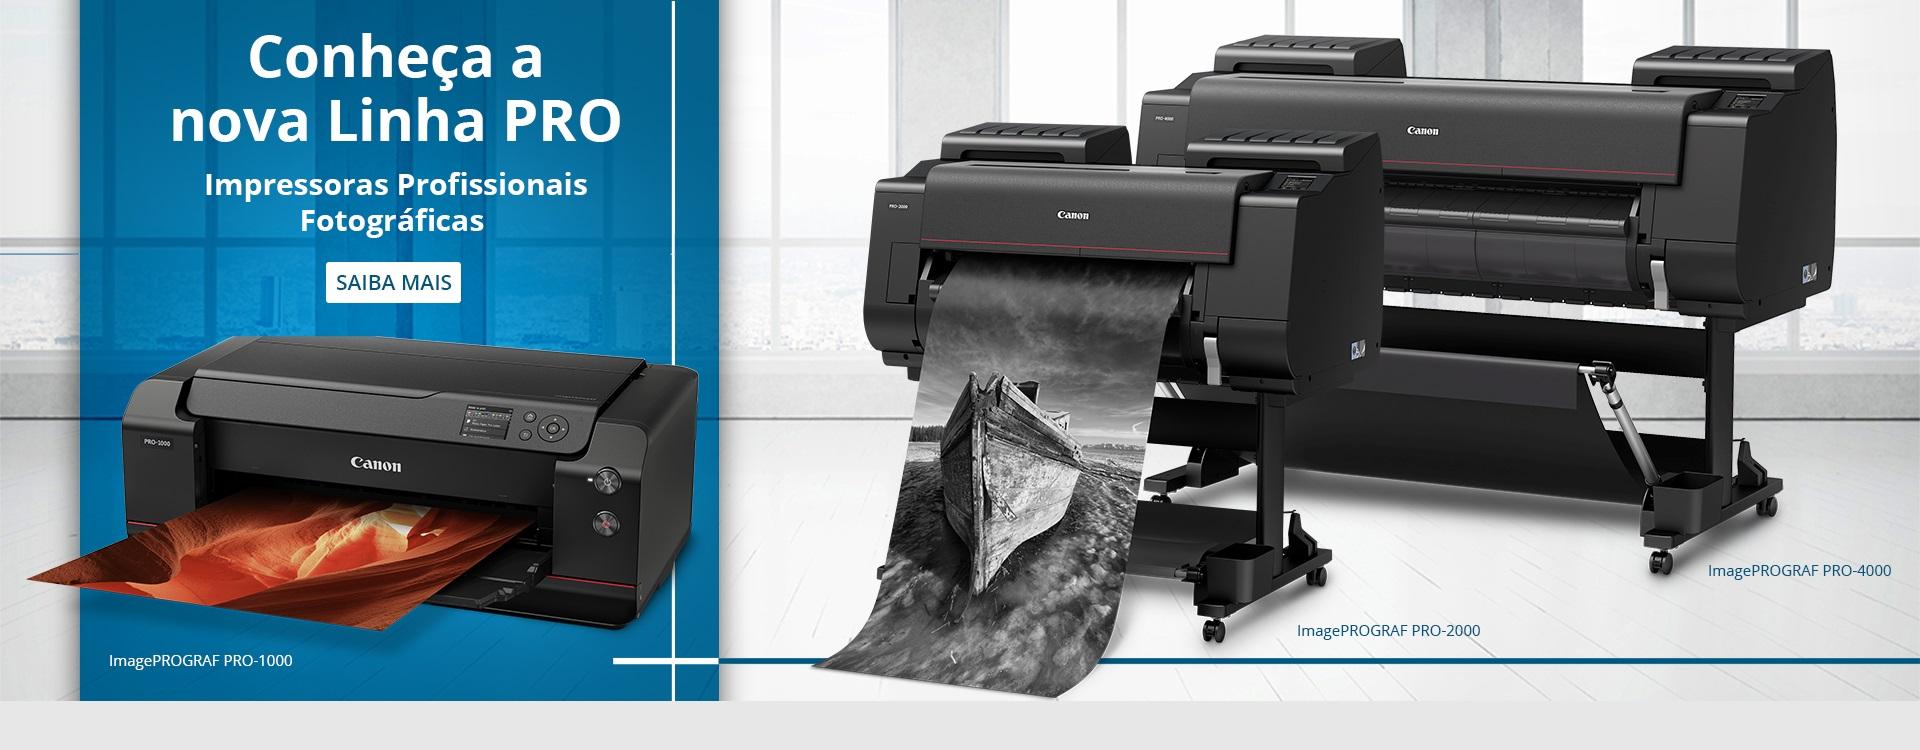 Nossas impressoras de grandes formatos vão fazer seus negócios decolarem. Saiba Mais